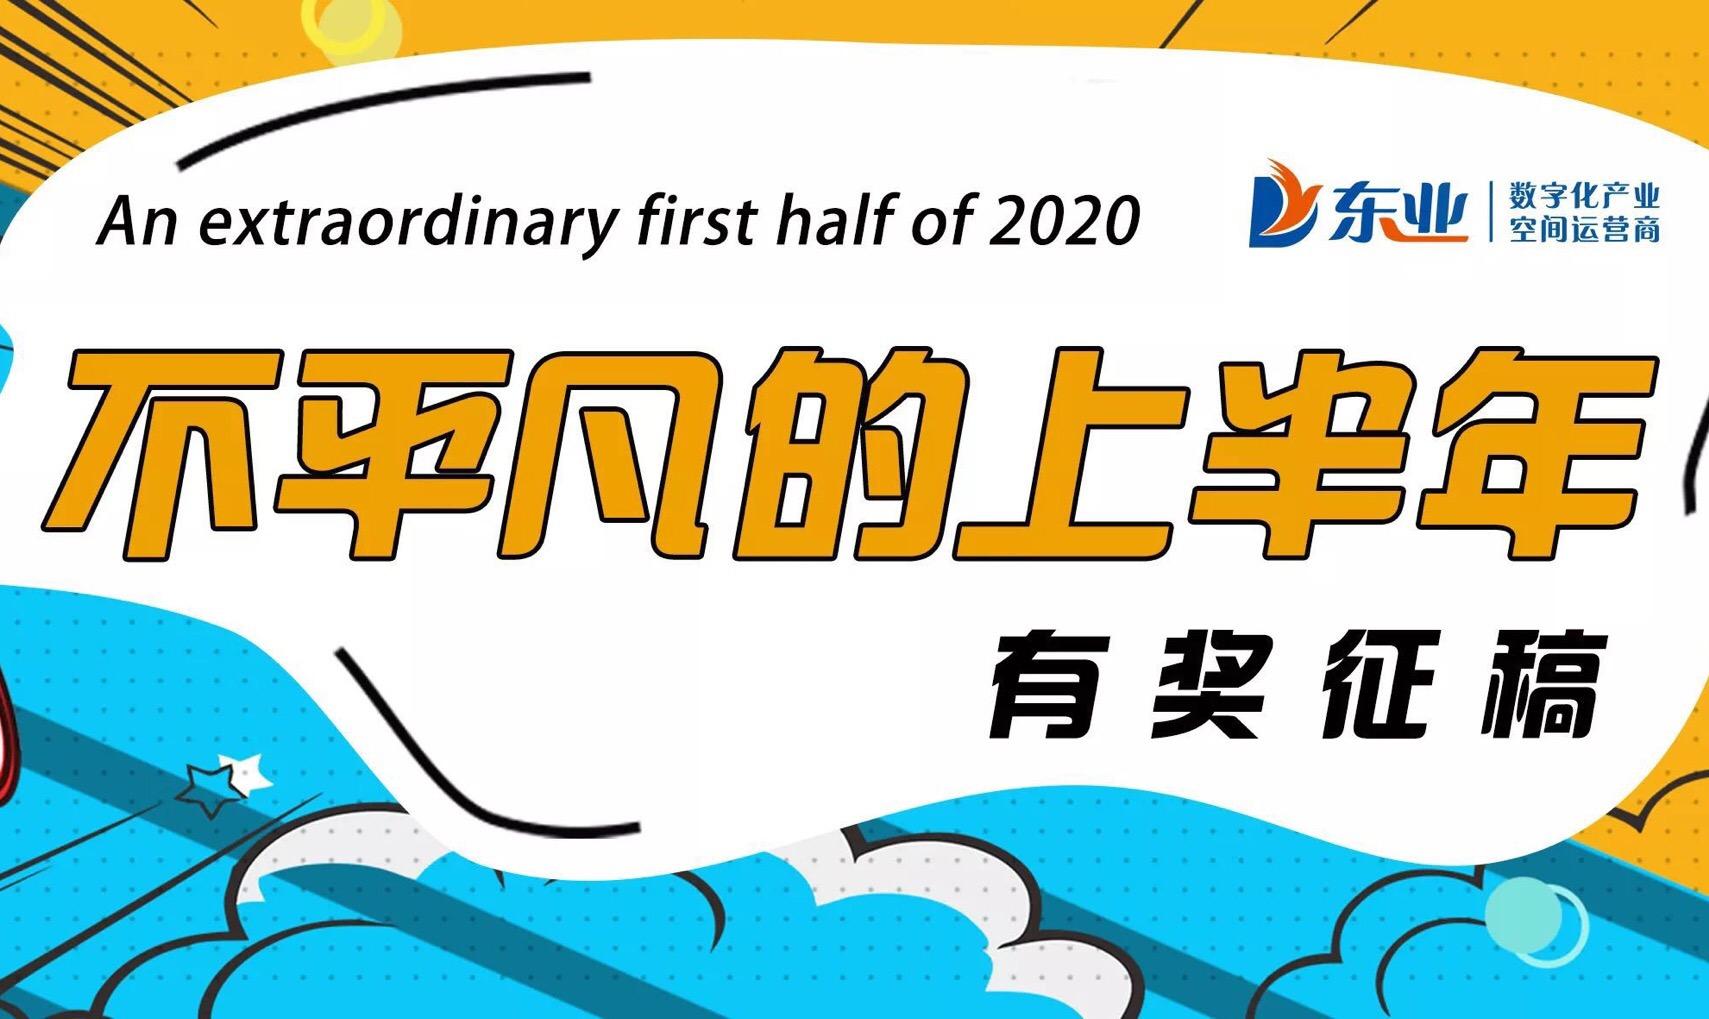 人物故事 | 不平凡的2020上半年,他们讲述了自己真实的故事;2020下半年,一起开启创业梦想!